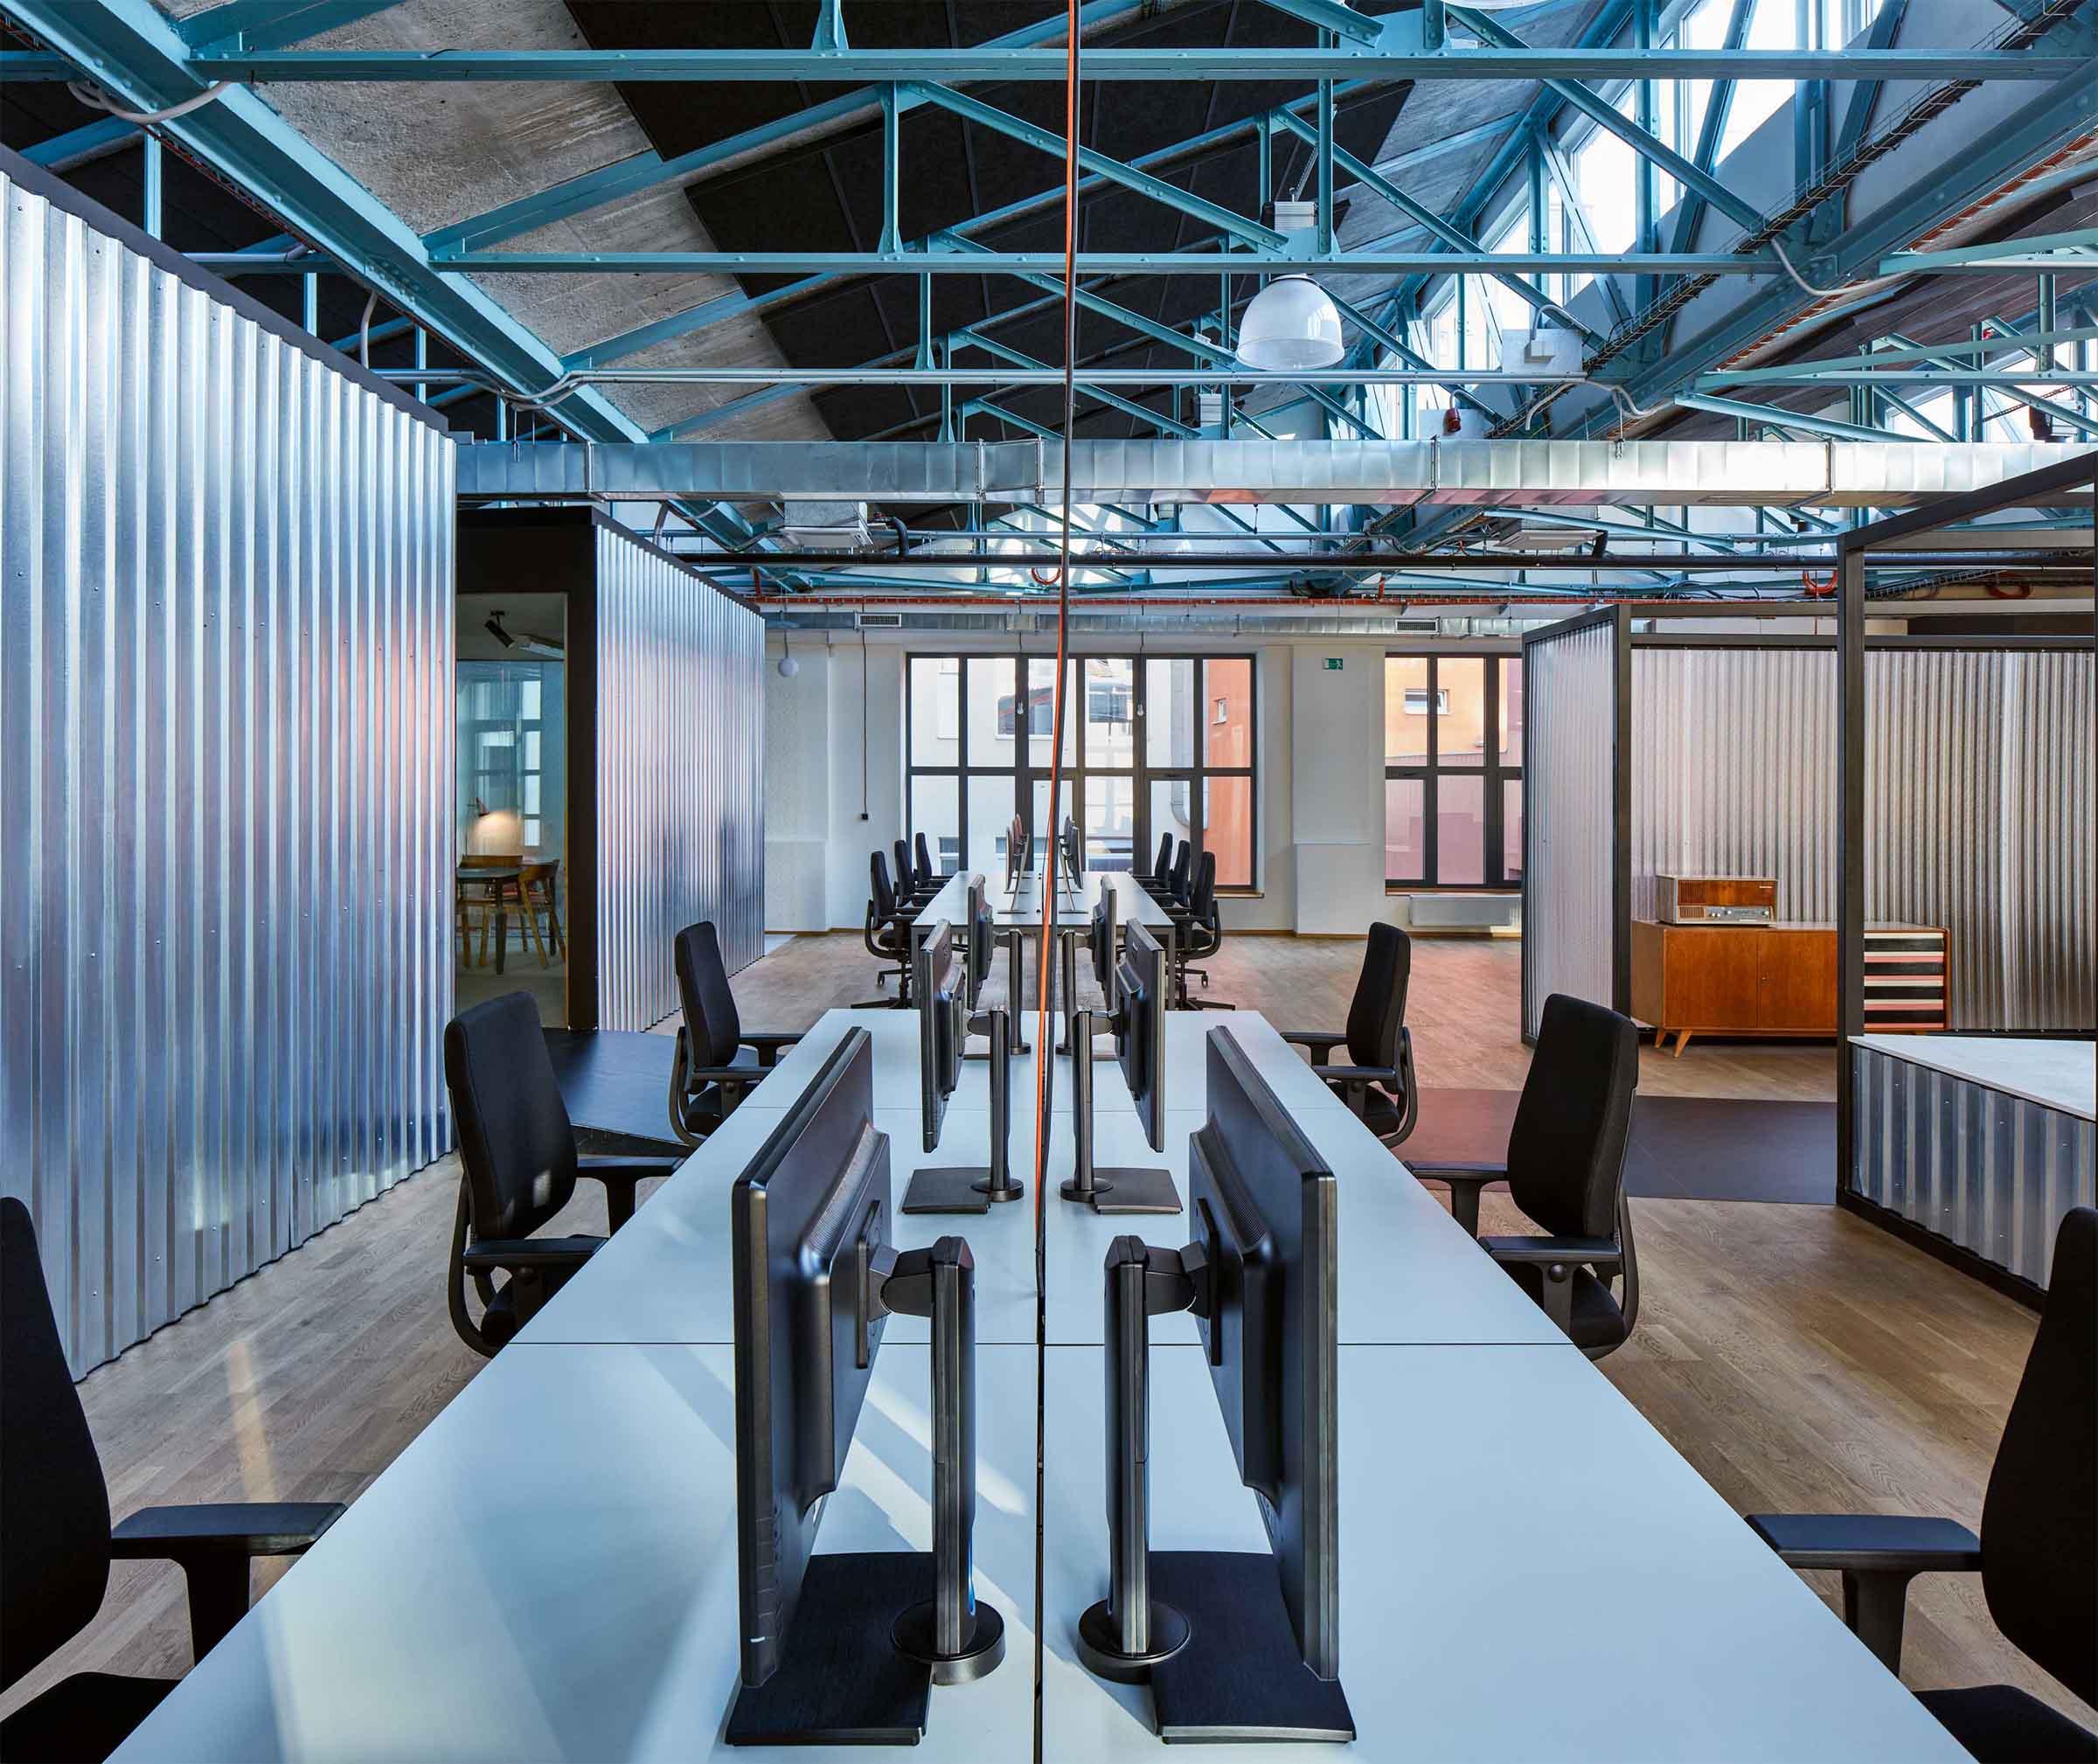 Kanceláře Sinnerschrader Praha - otevřený pracovní prostor, jež lemují stěny zasedacích místností. Autor: Kurz architekti